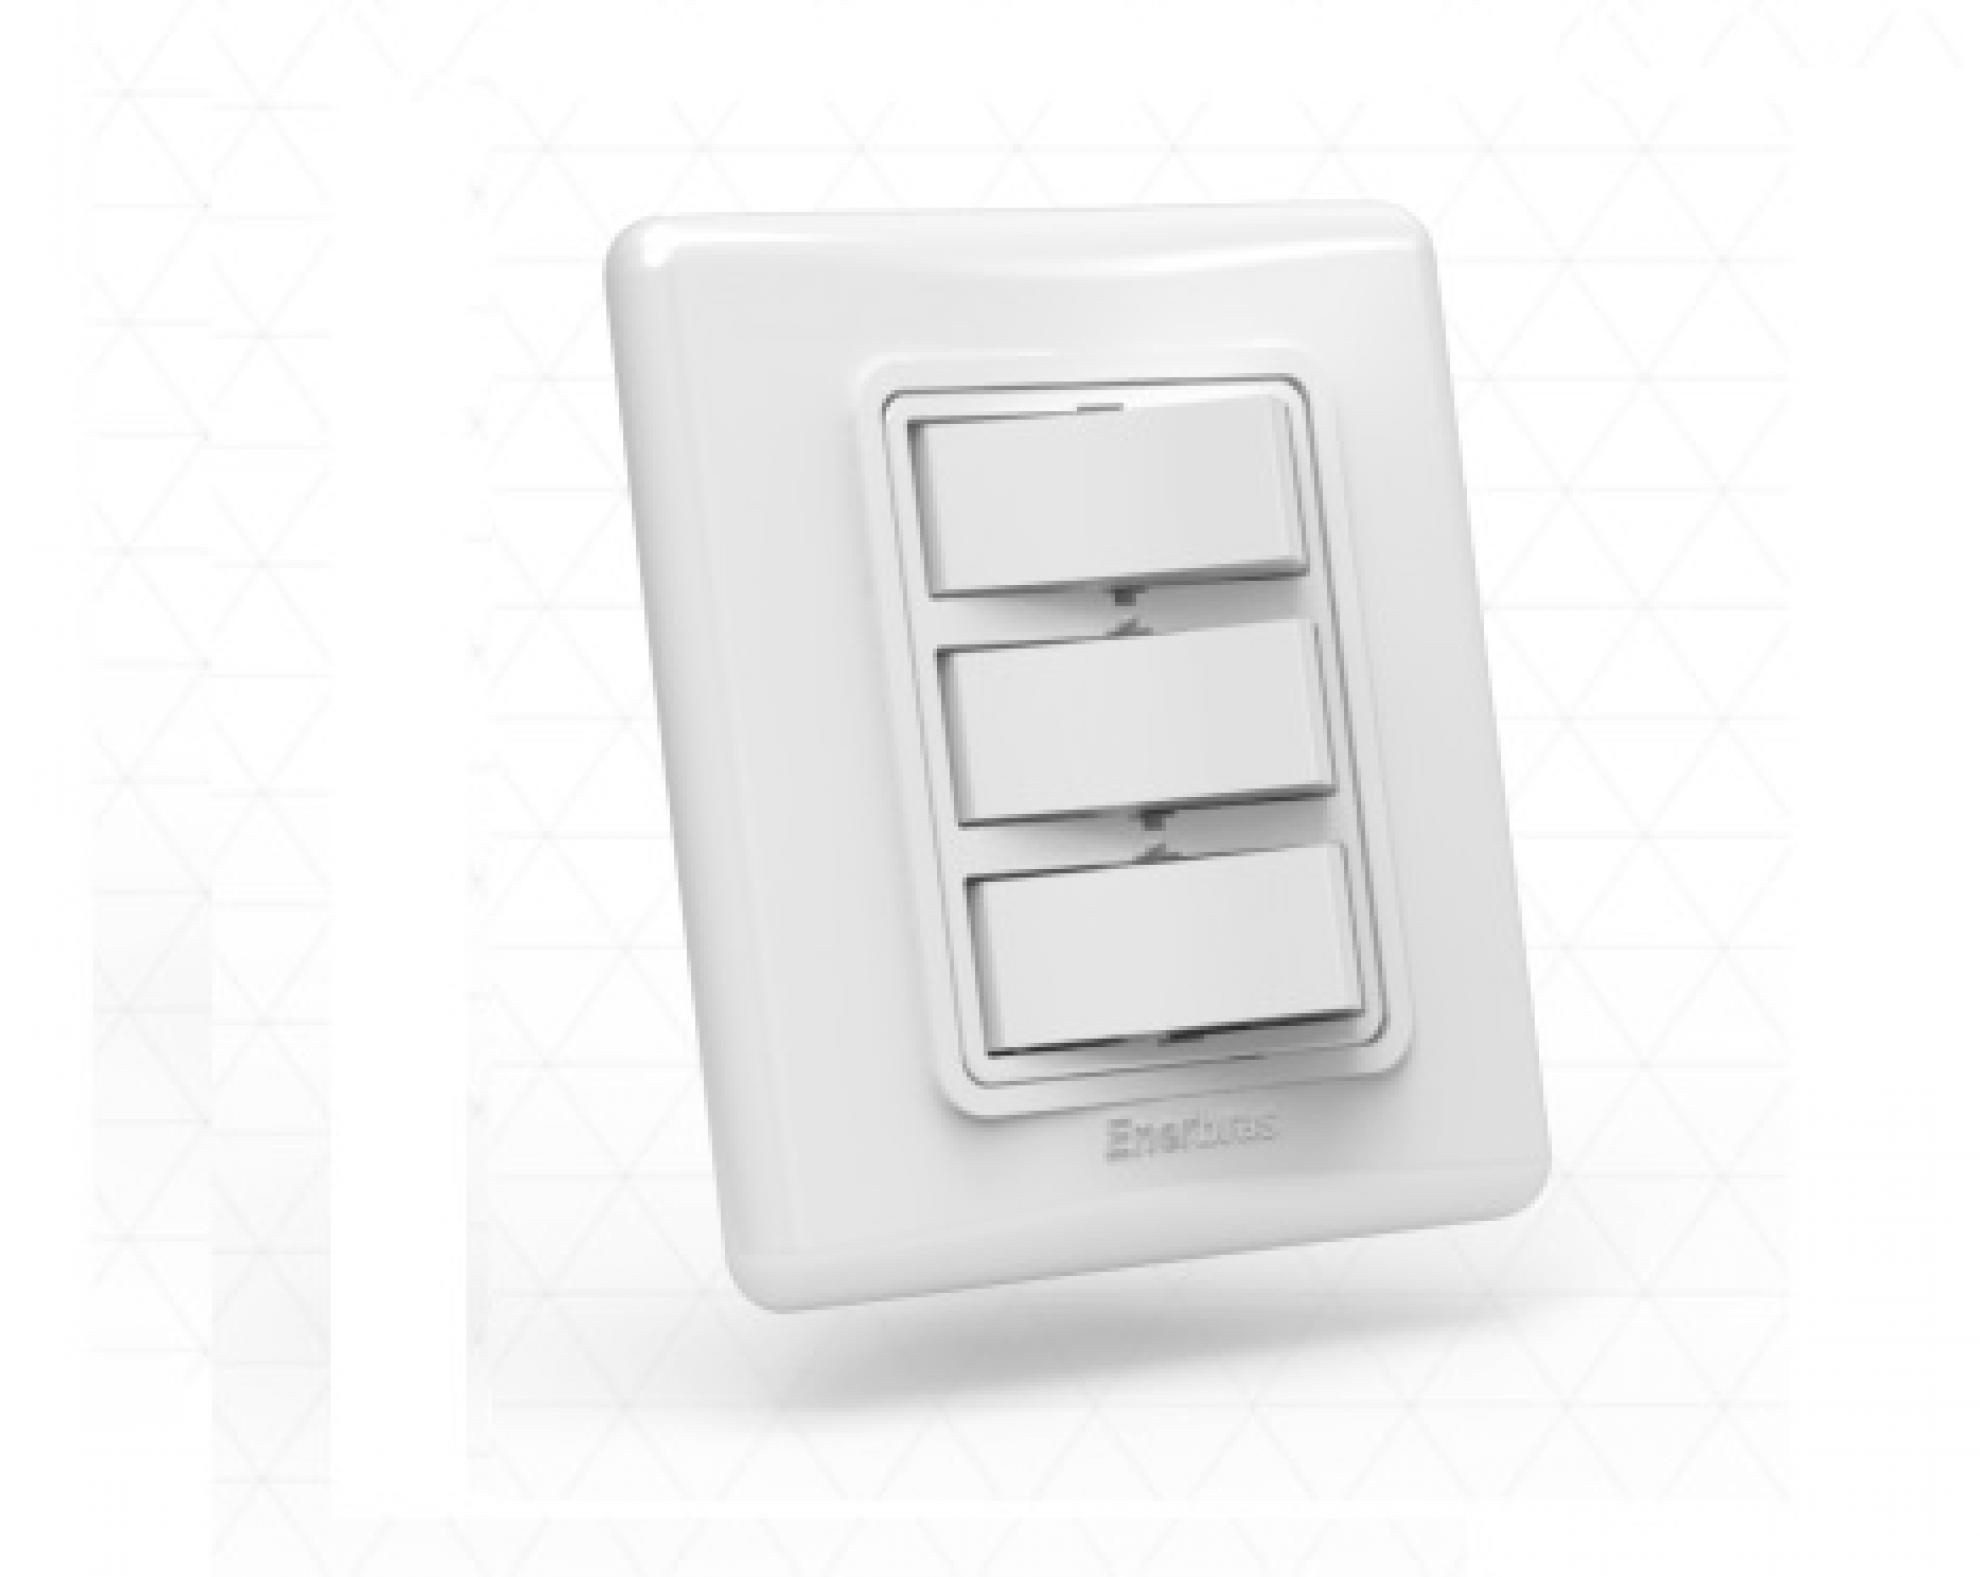 Interruptor com 3 teclas - Simples branco